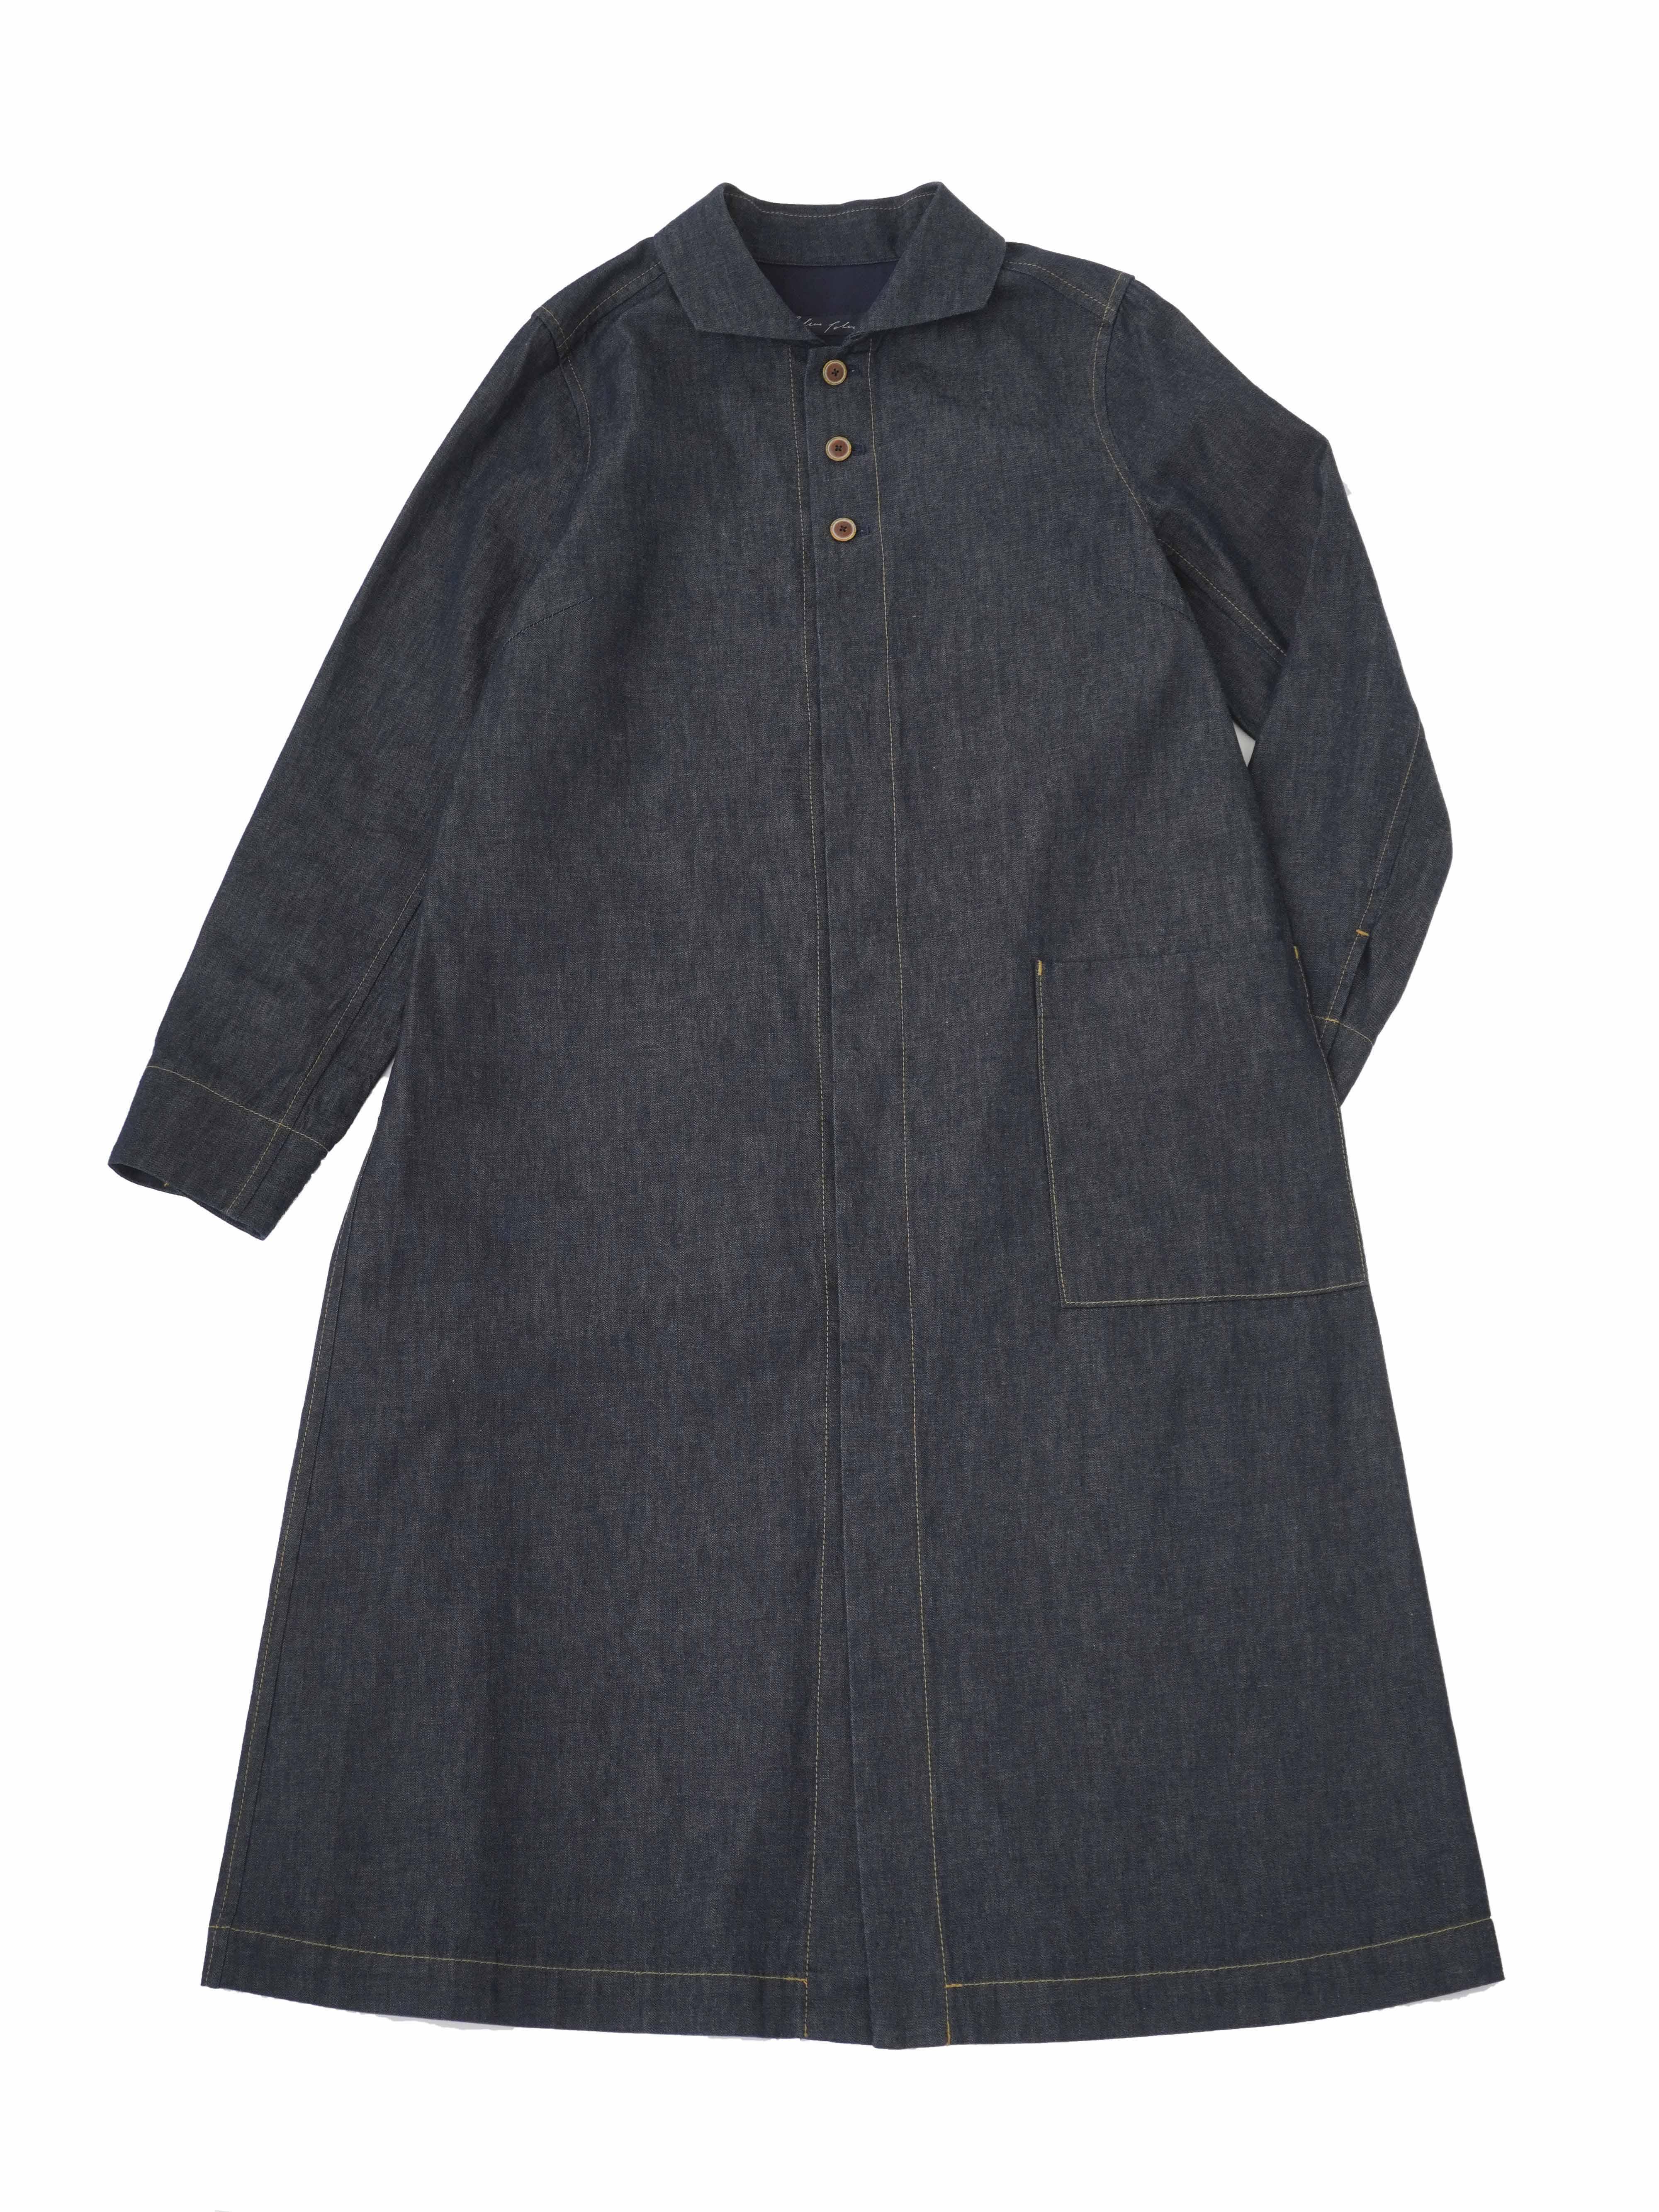 20/ムラ糸ダンガリーウィング襟コート